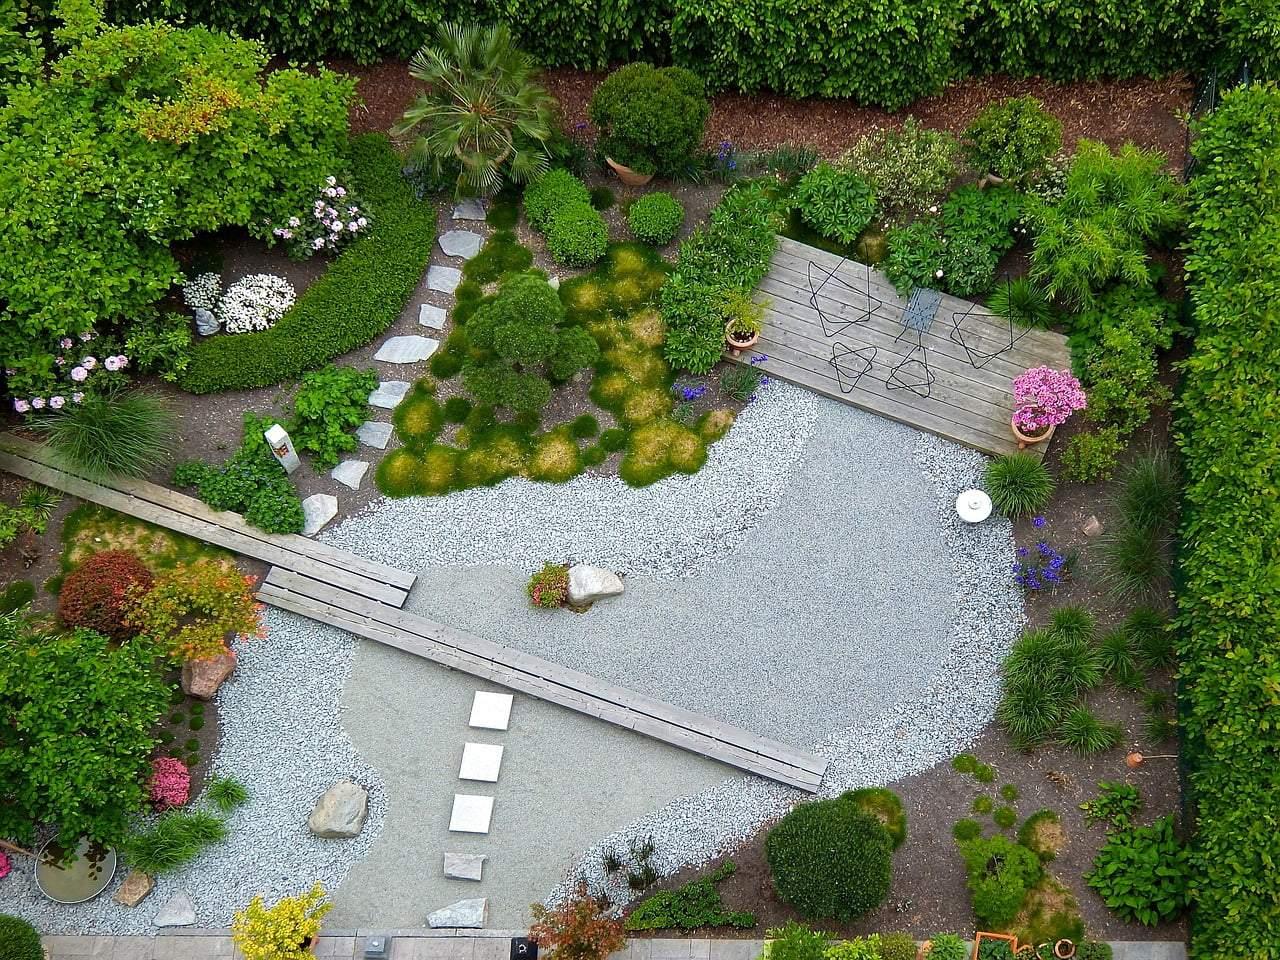 Garten Gestalten Mit Wenig Geld Schön Garten Anlegen Was ist Zu Beachten